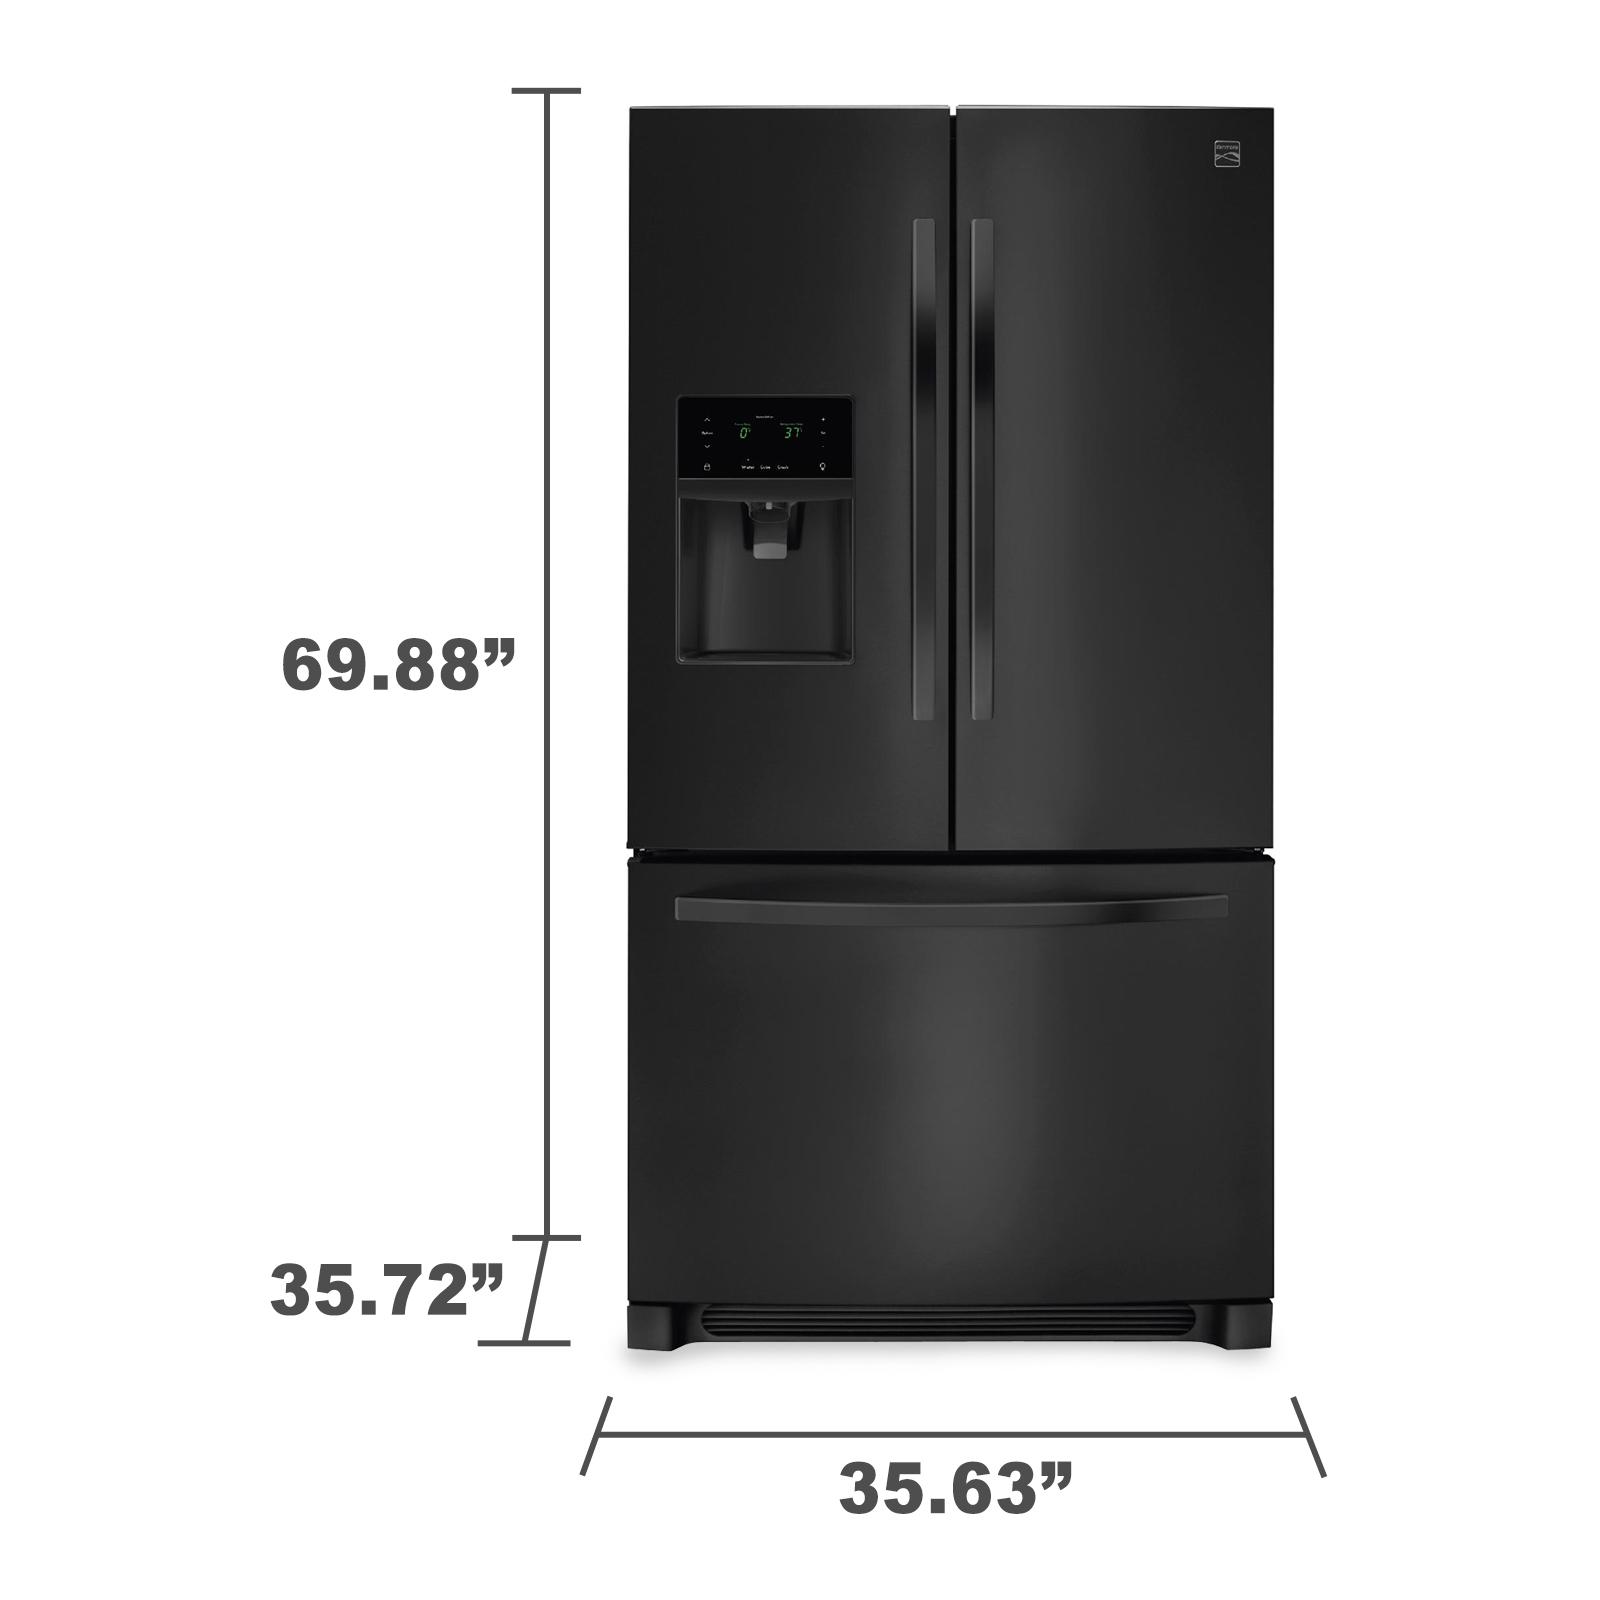 Kenmore 70349 27.2 cu. ft. French Door Refrigerator - Black